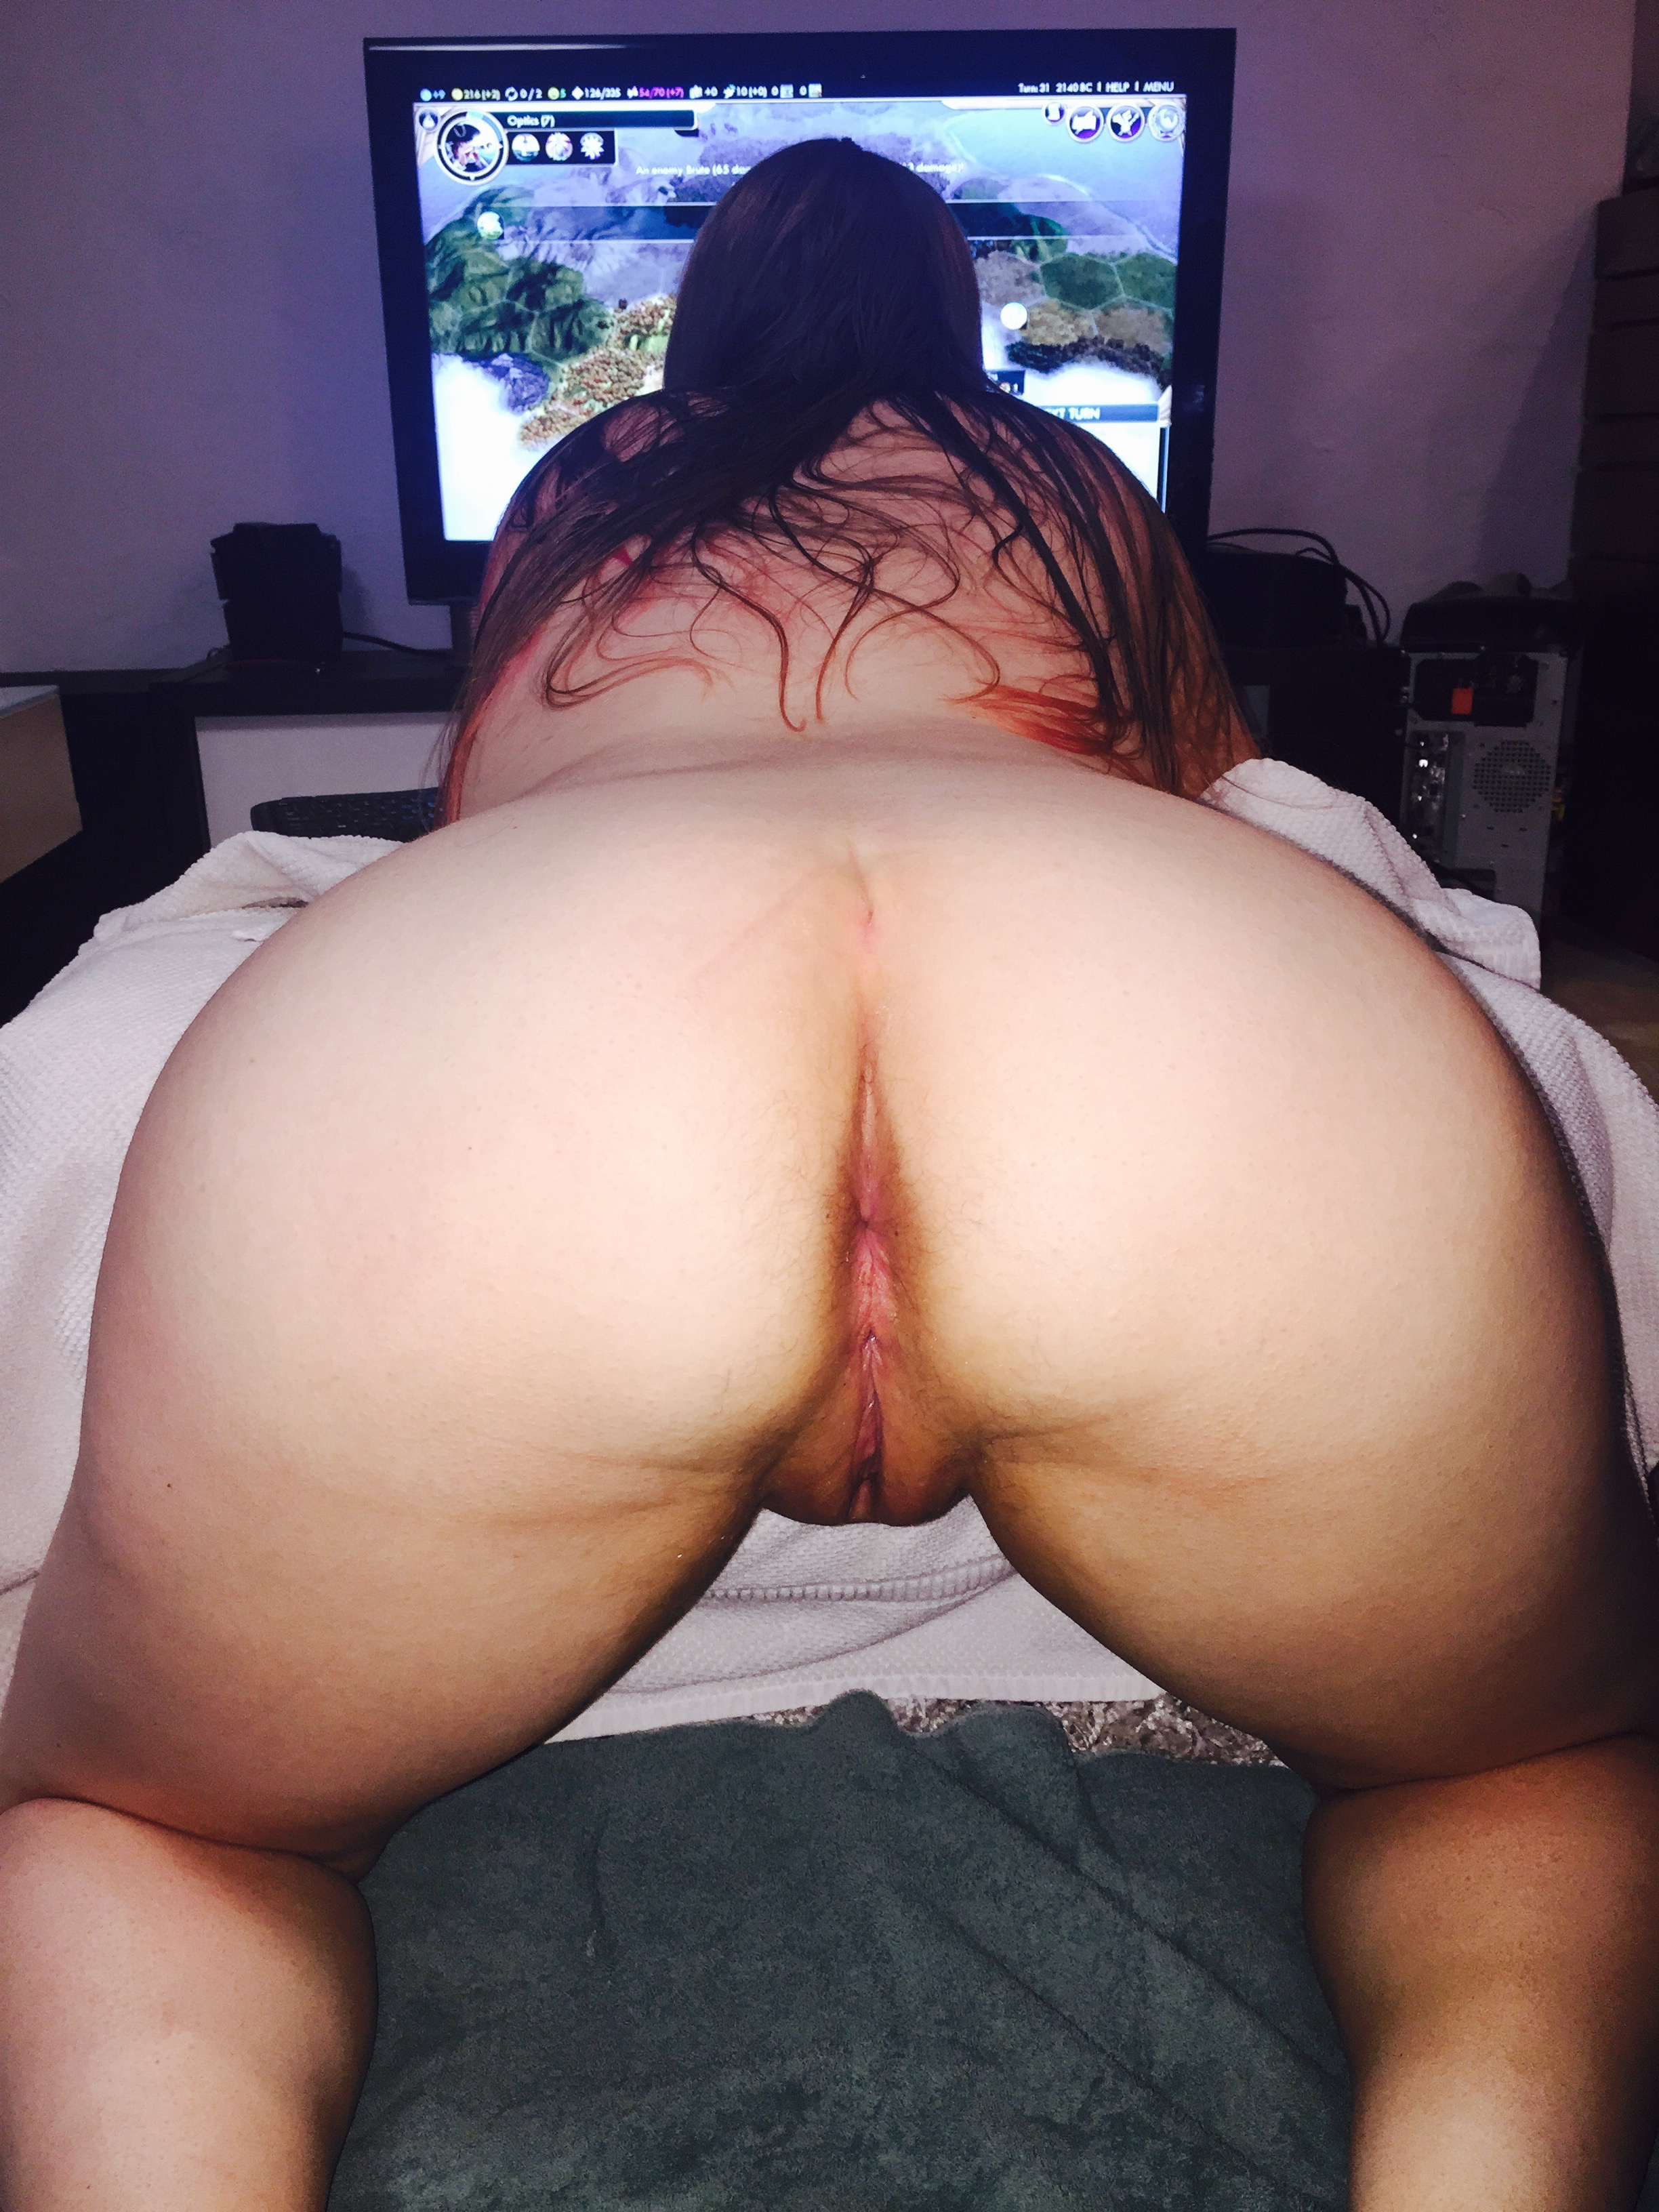 Подборка голых девушек в домашних условиях секс фото и порно фото